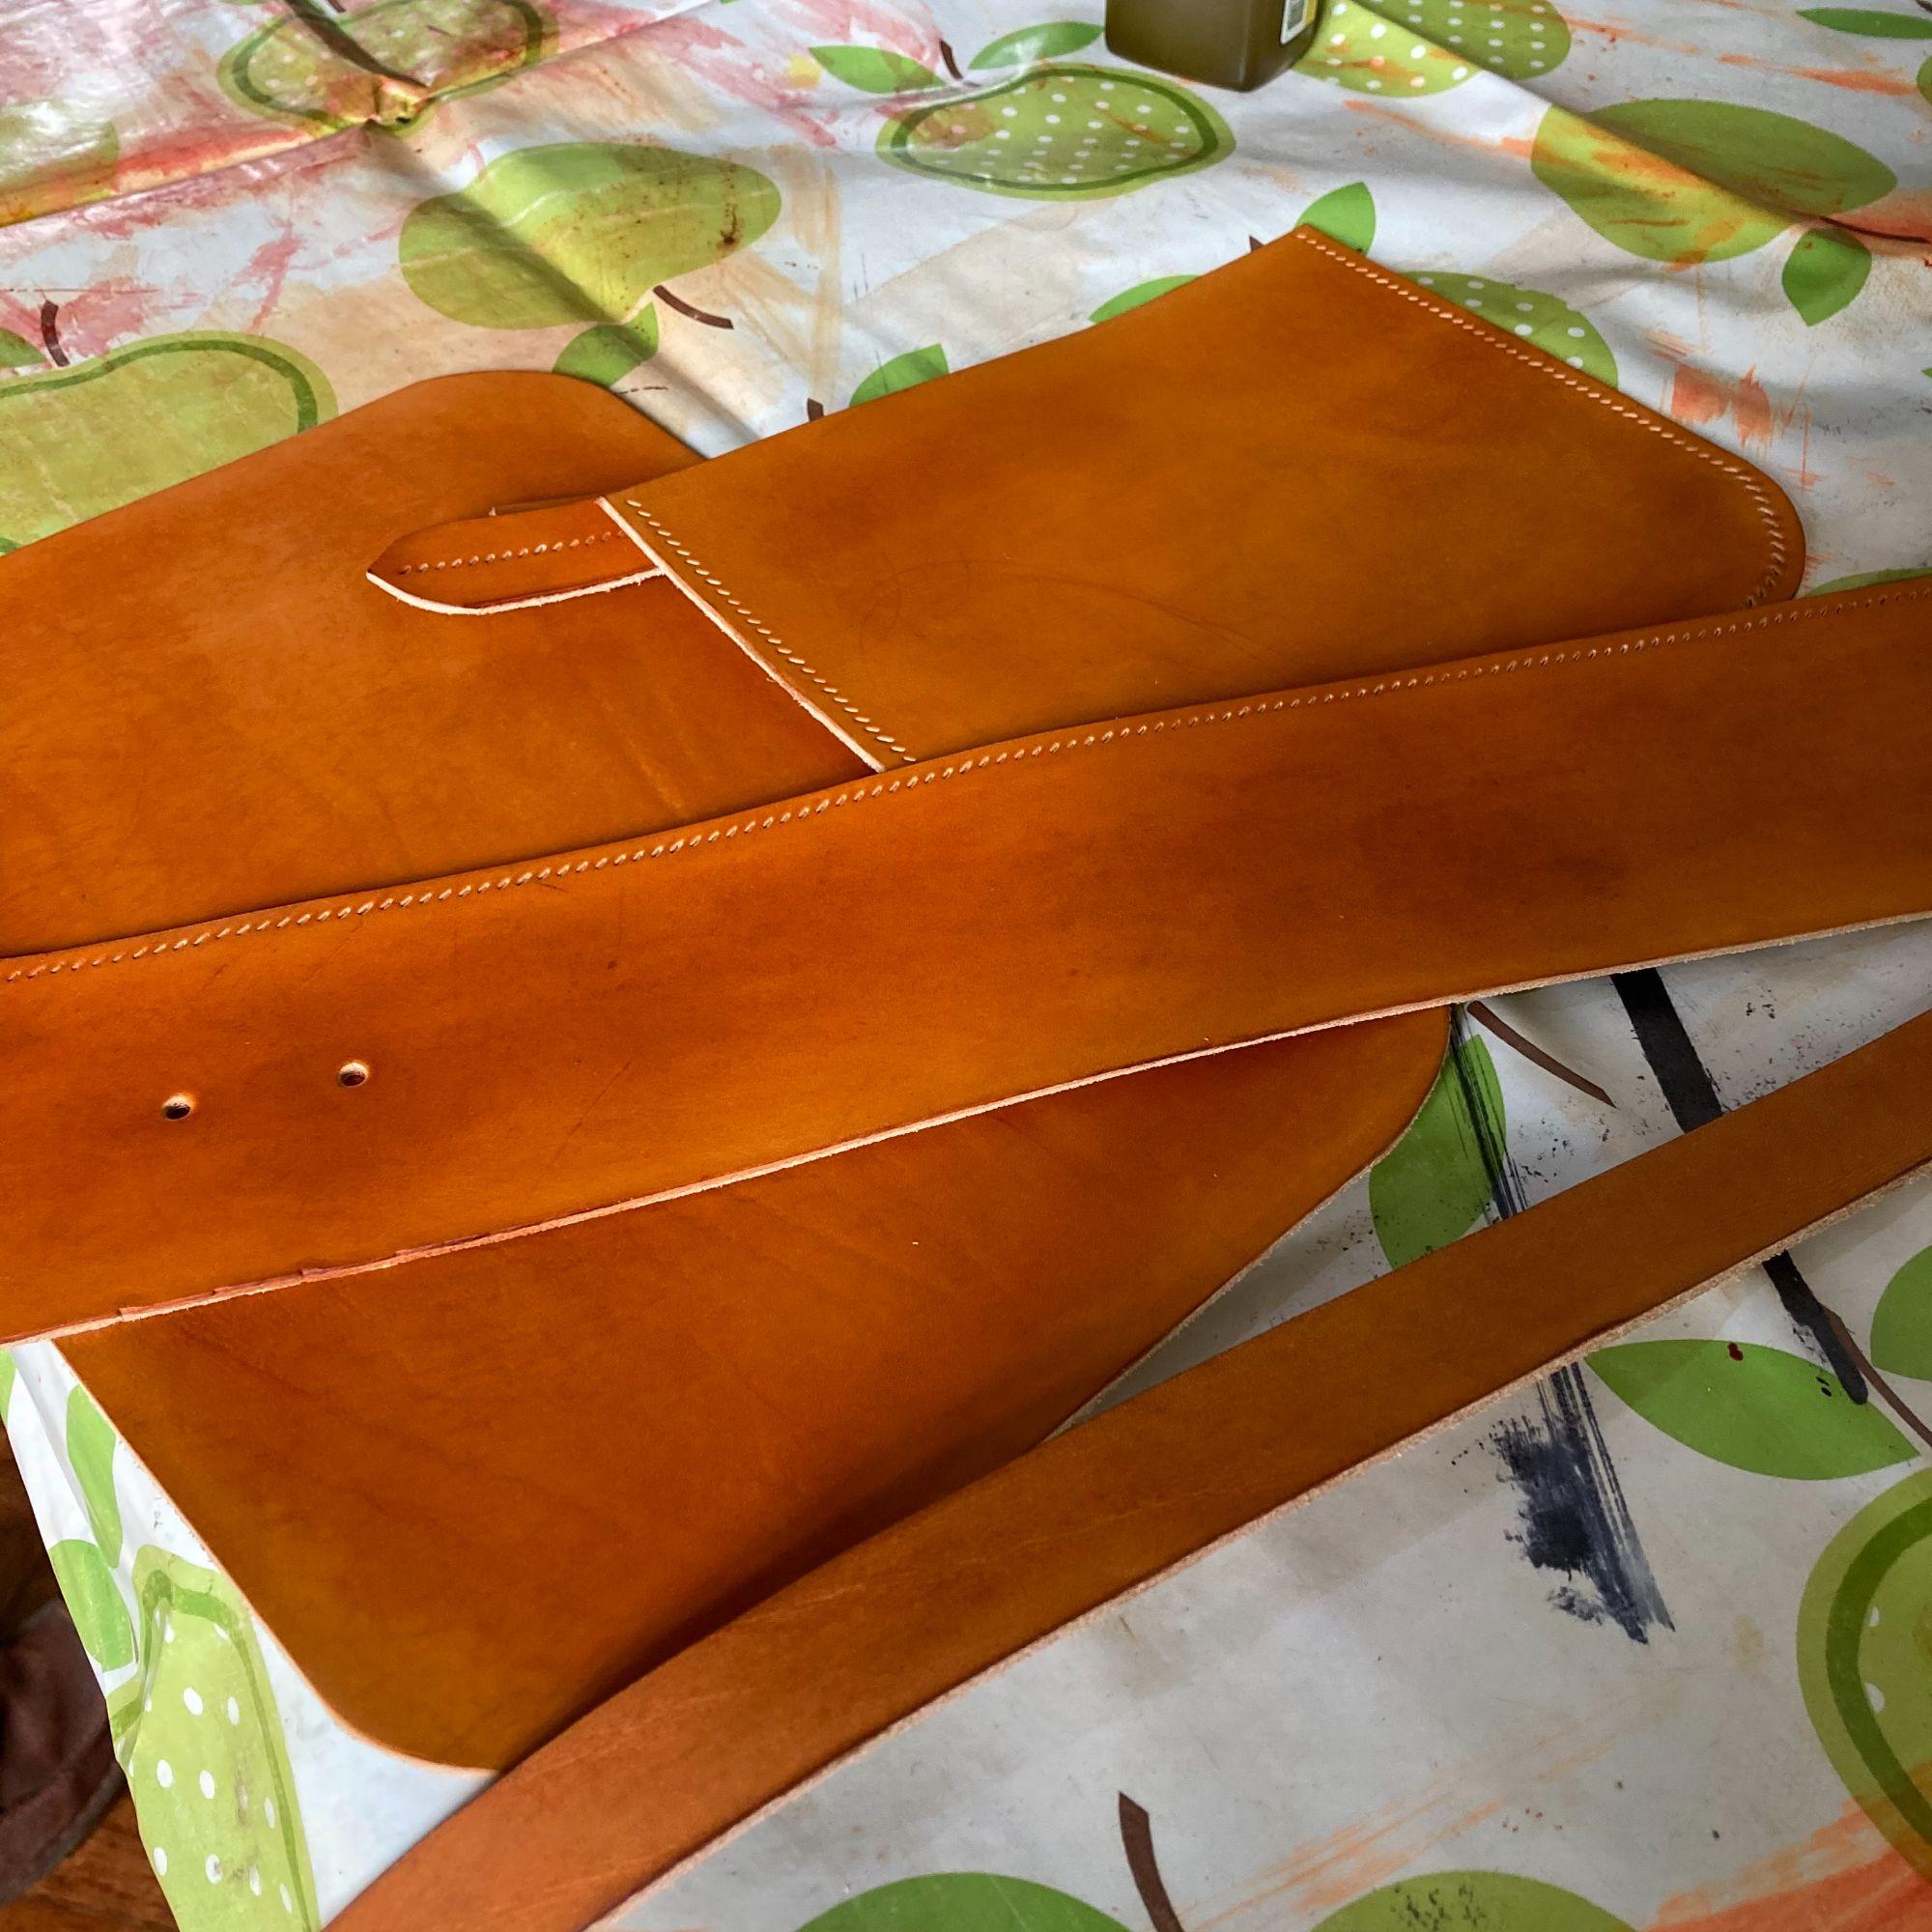 Mini Leather Satchel Workshop - - Construction